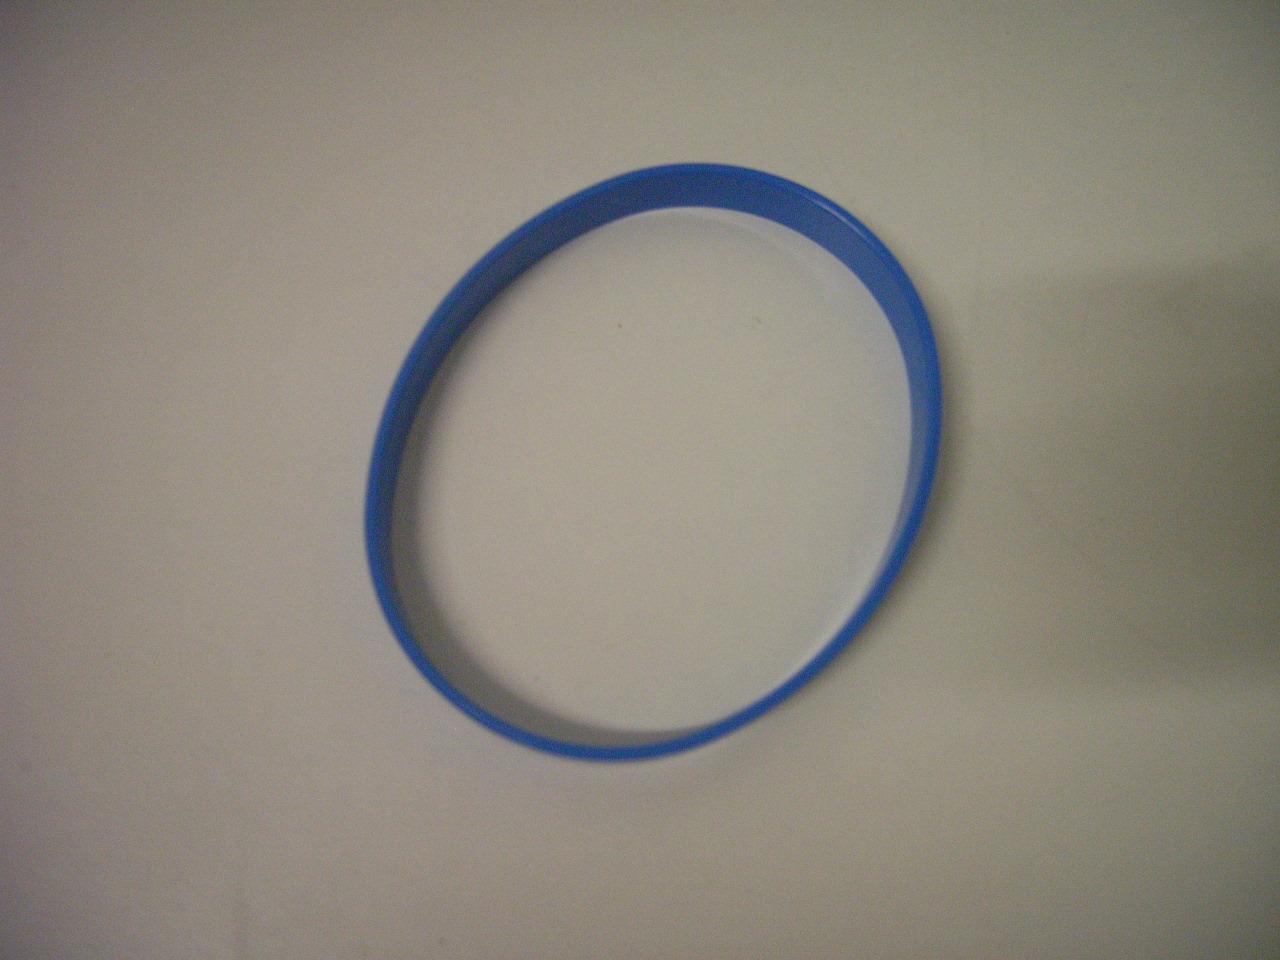 Ersatz Spanner Ring Oval blau oder grün für SiTech Antares